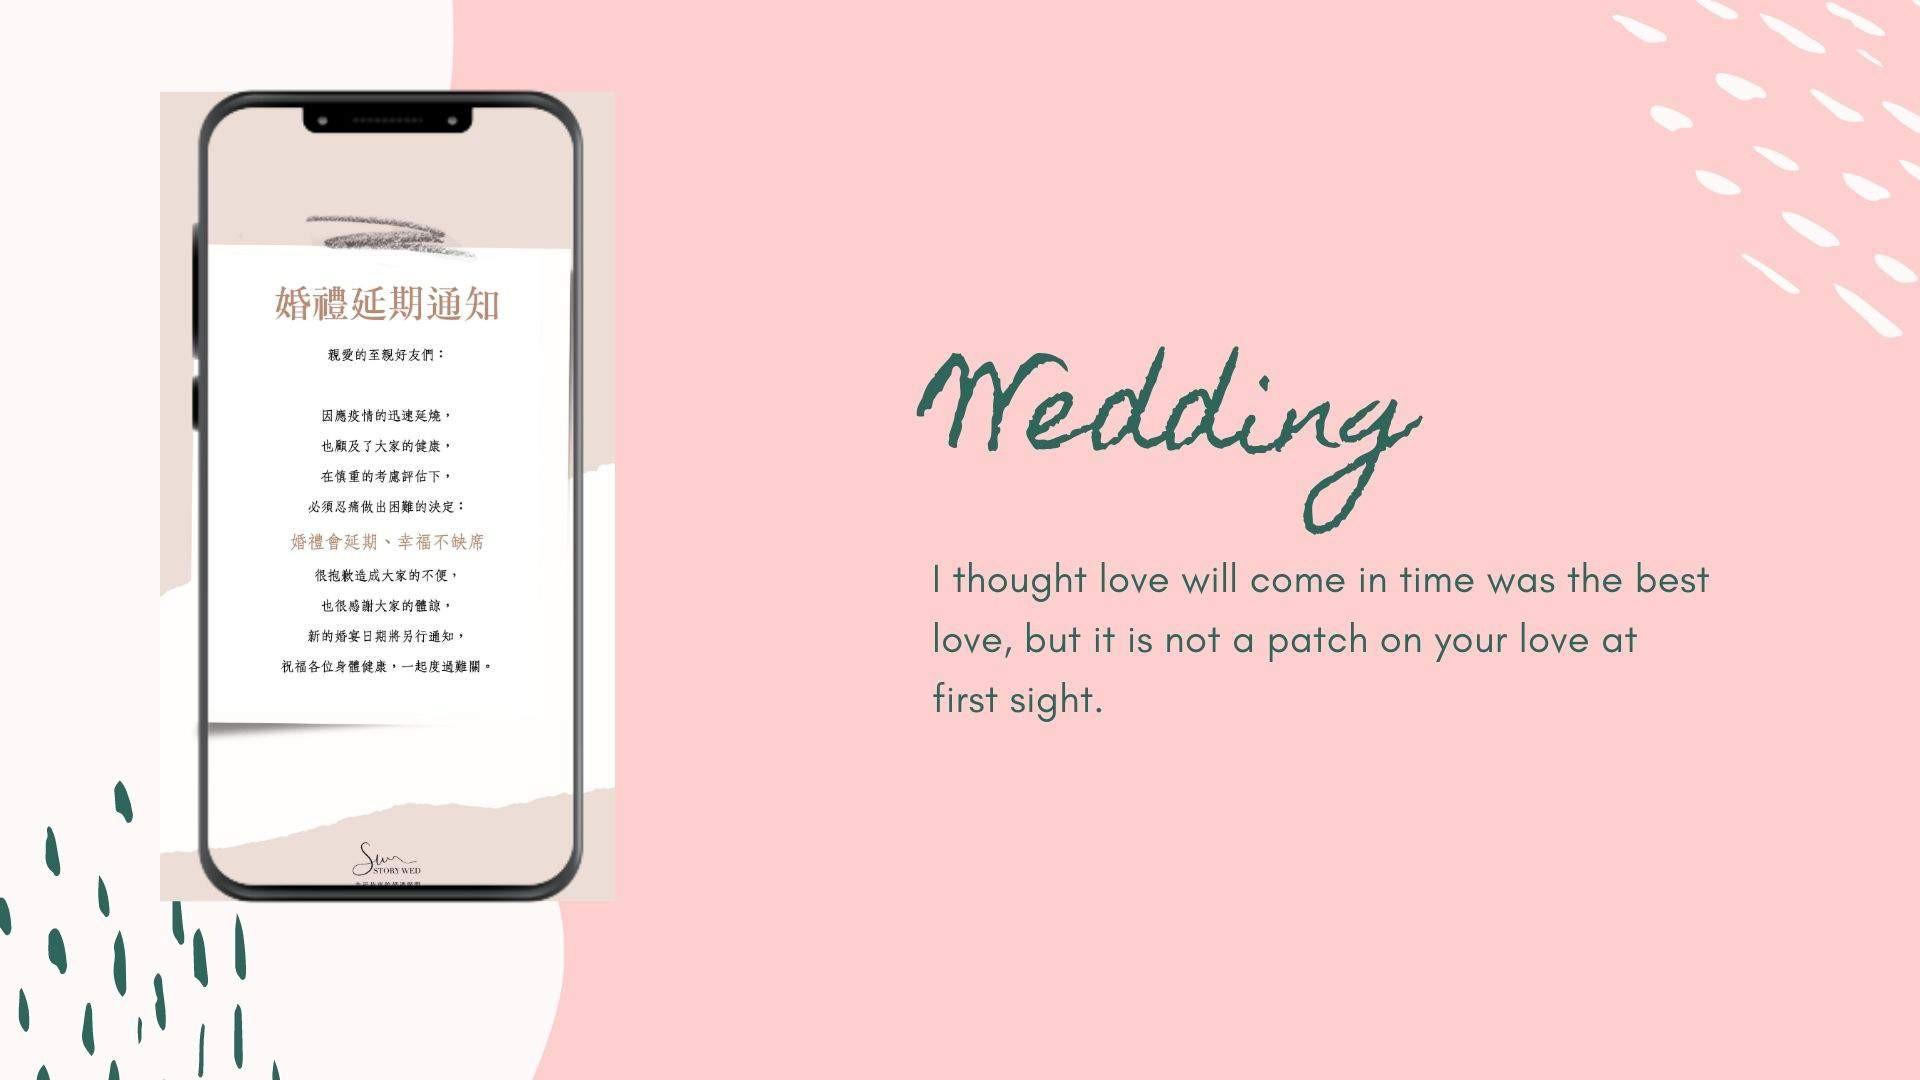 【防疫】貼心婚禮延期通知圖免費下載